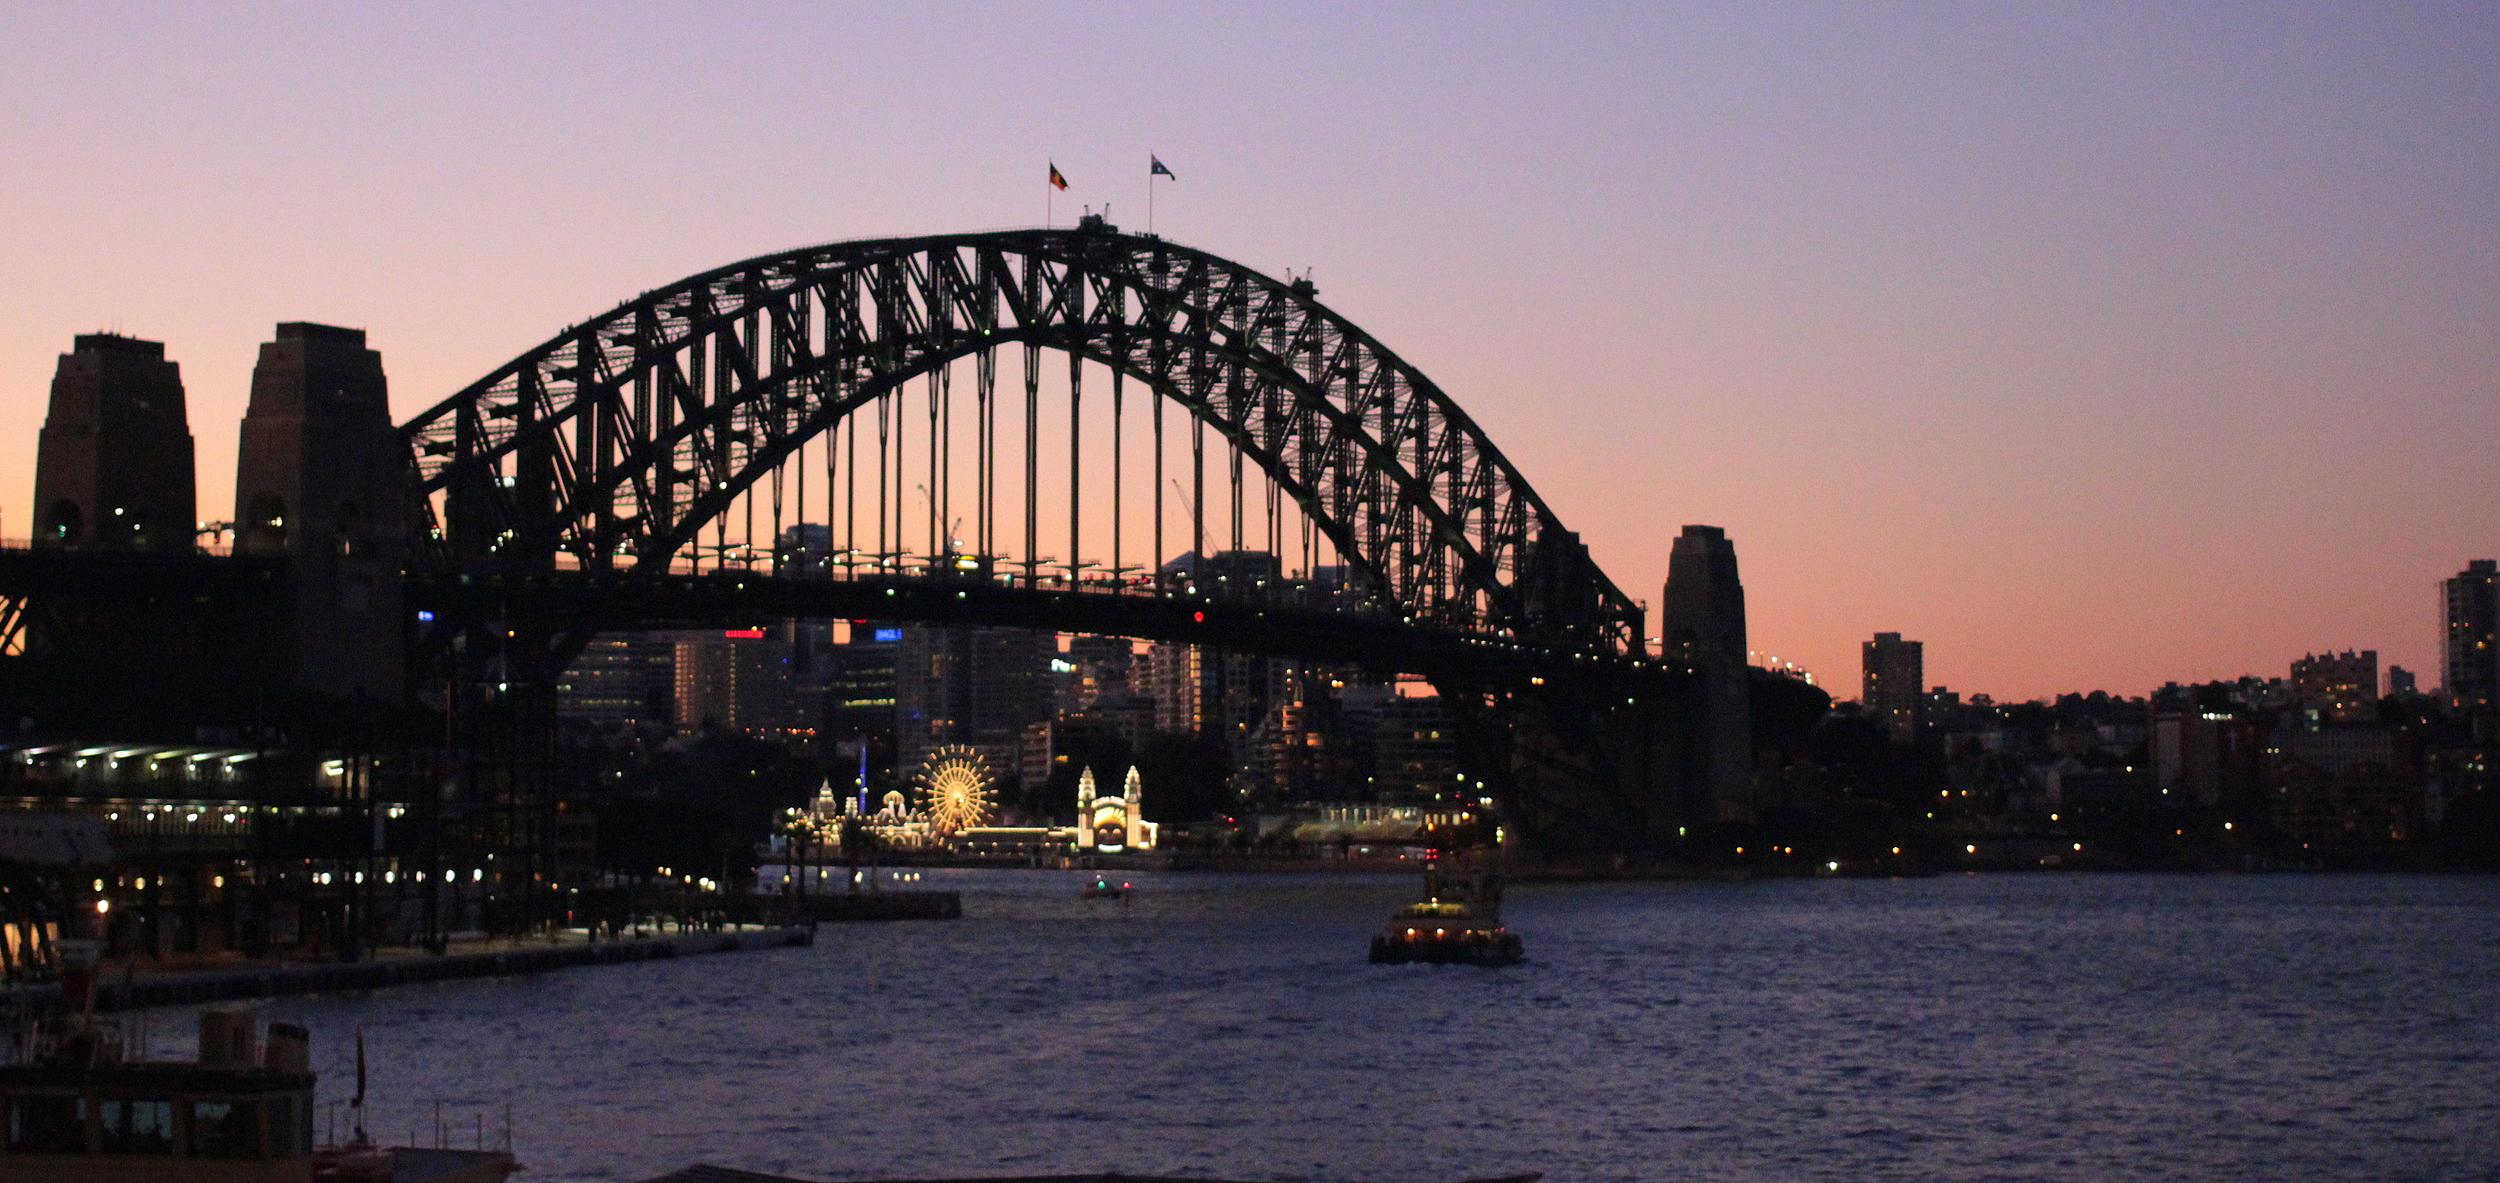 Good night Sydney. See you again soon.